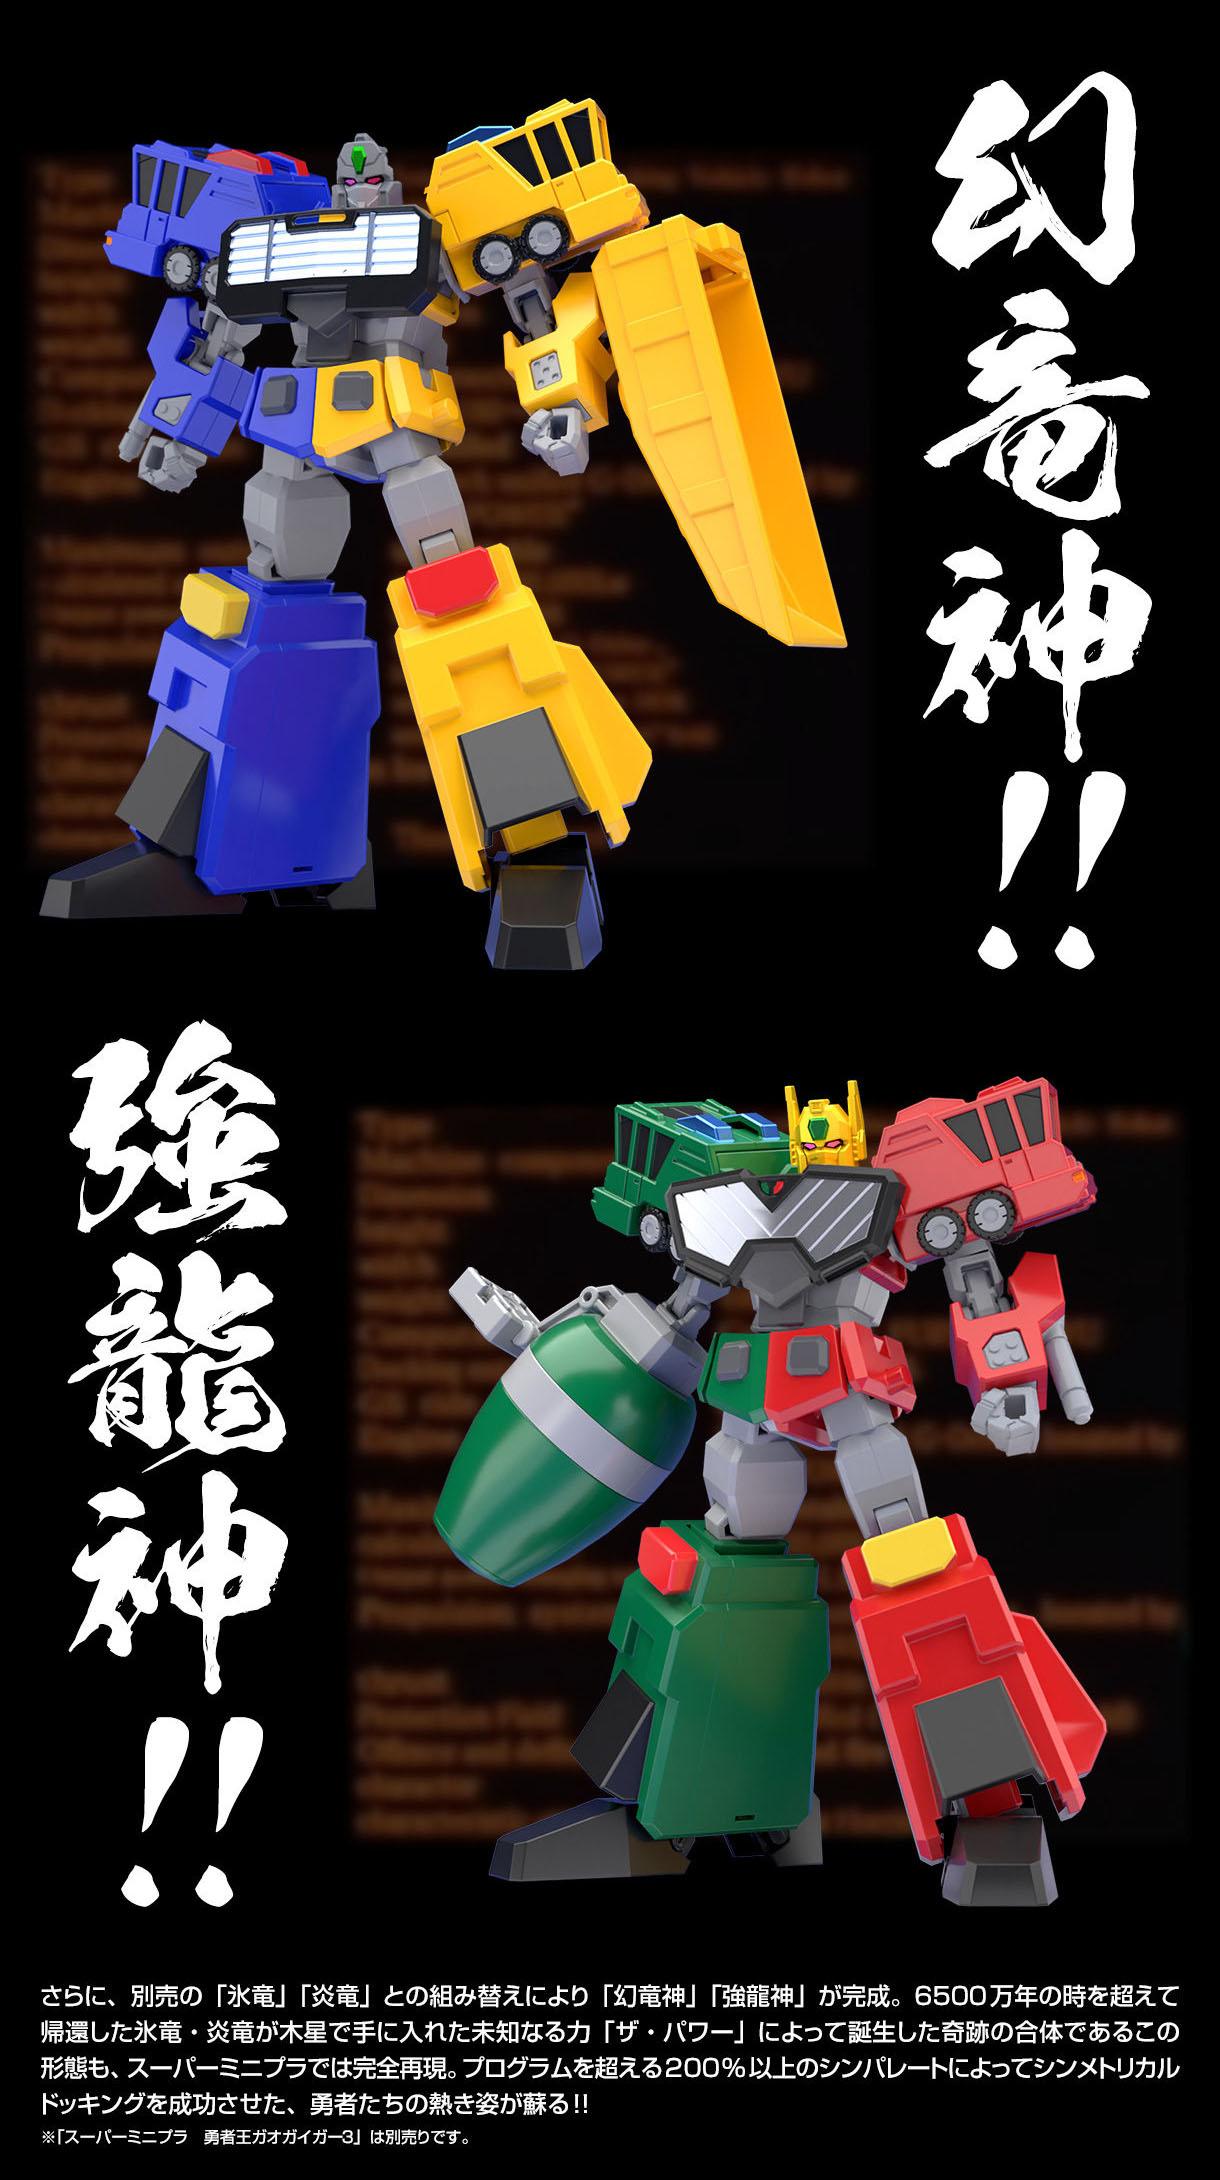 【食玩】スーパーミニプラ 勇者王ガオガイガー 撃龍神-010